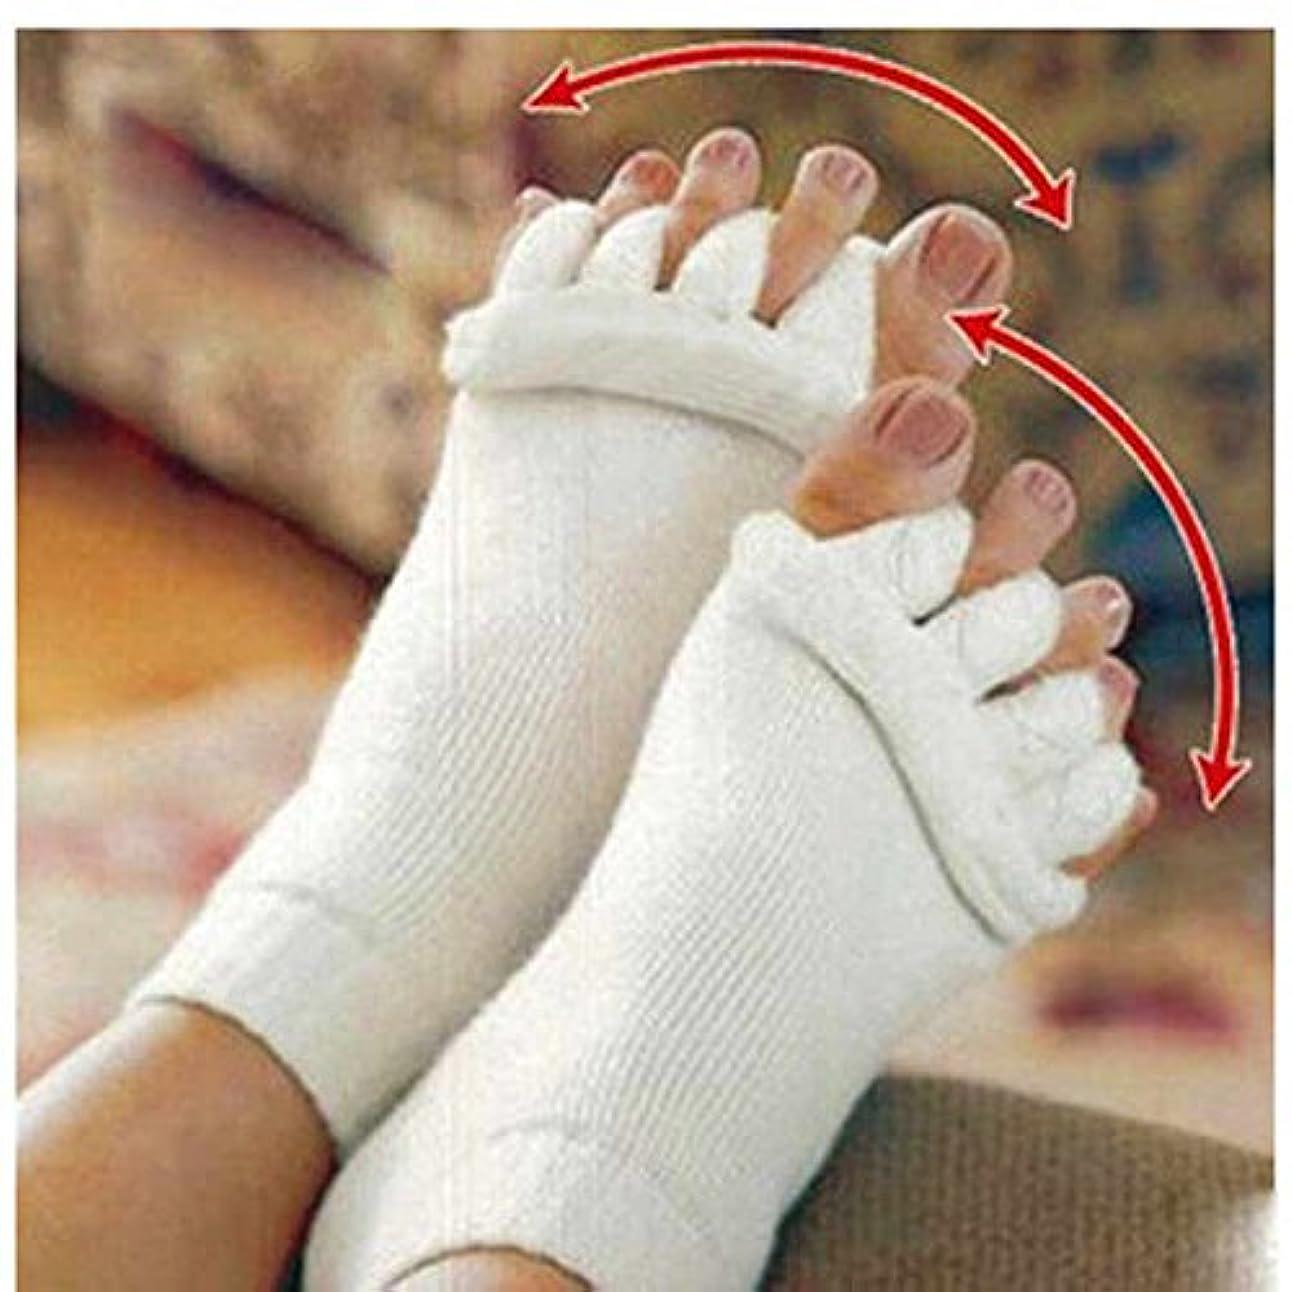 振る舞いフェリーシリーズLorny(TM) 2個マッサージファイブつま先ソックス指セパレーター骨の親指女性ソックスのためにコレクターの痛みを軽減するソックスペディキュア足セパレーターについて